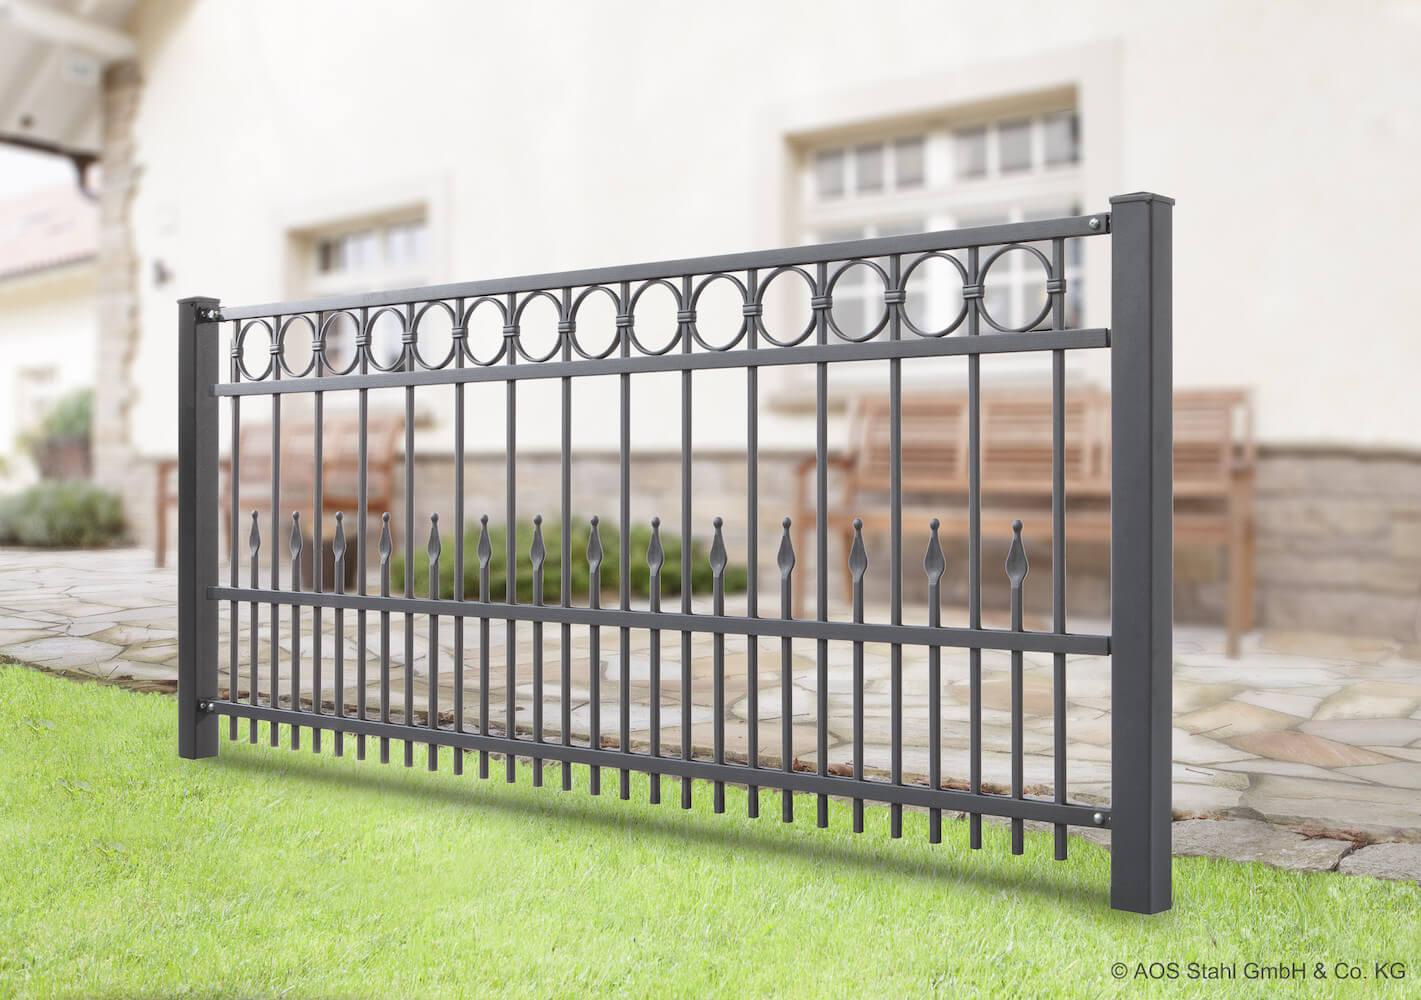 Schacht garden A1 ZaunPartner Schmiedezaun DRESDEN Anwendung